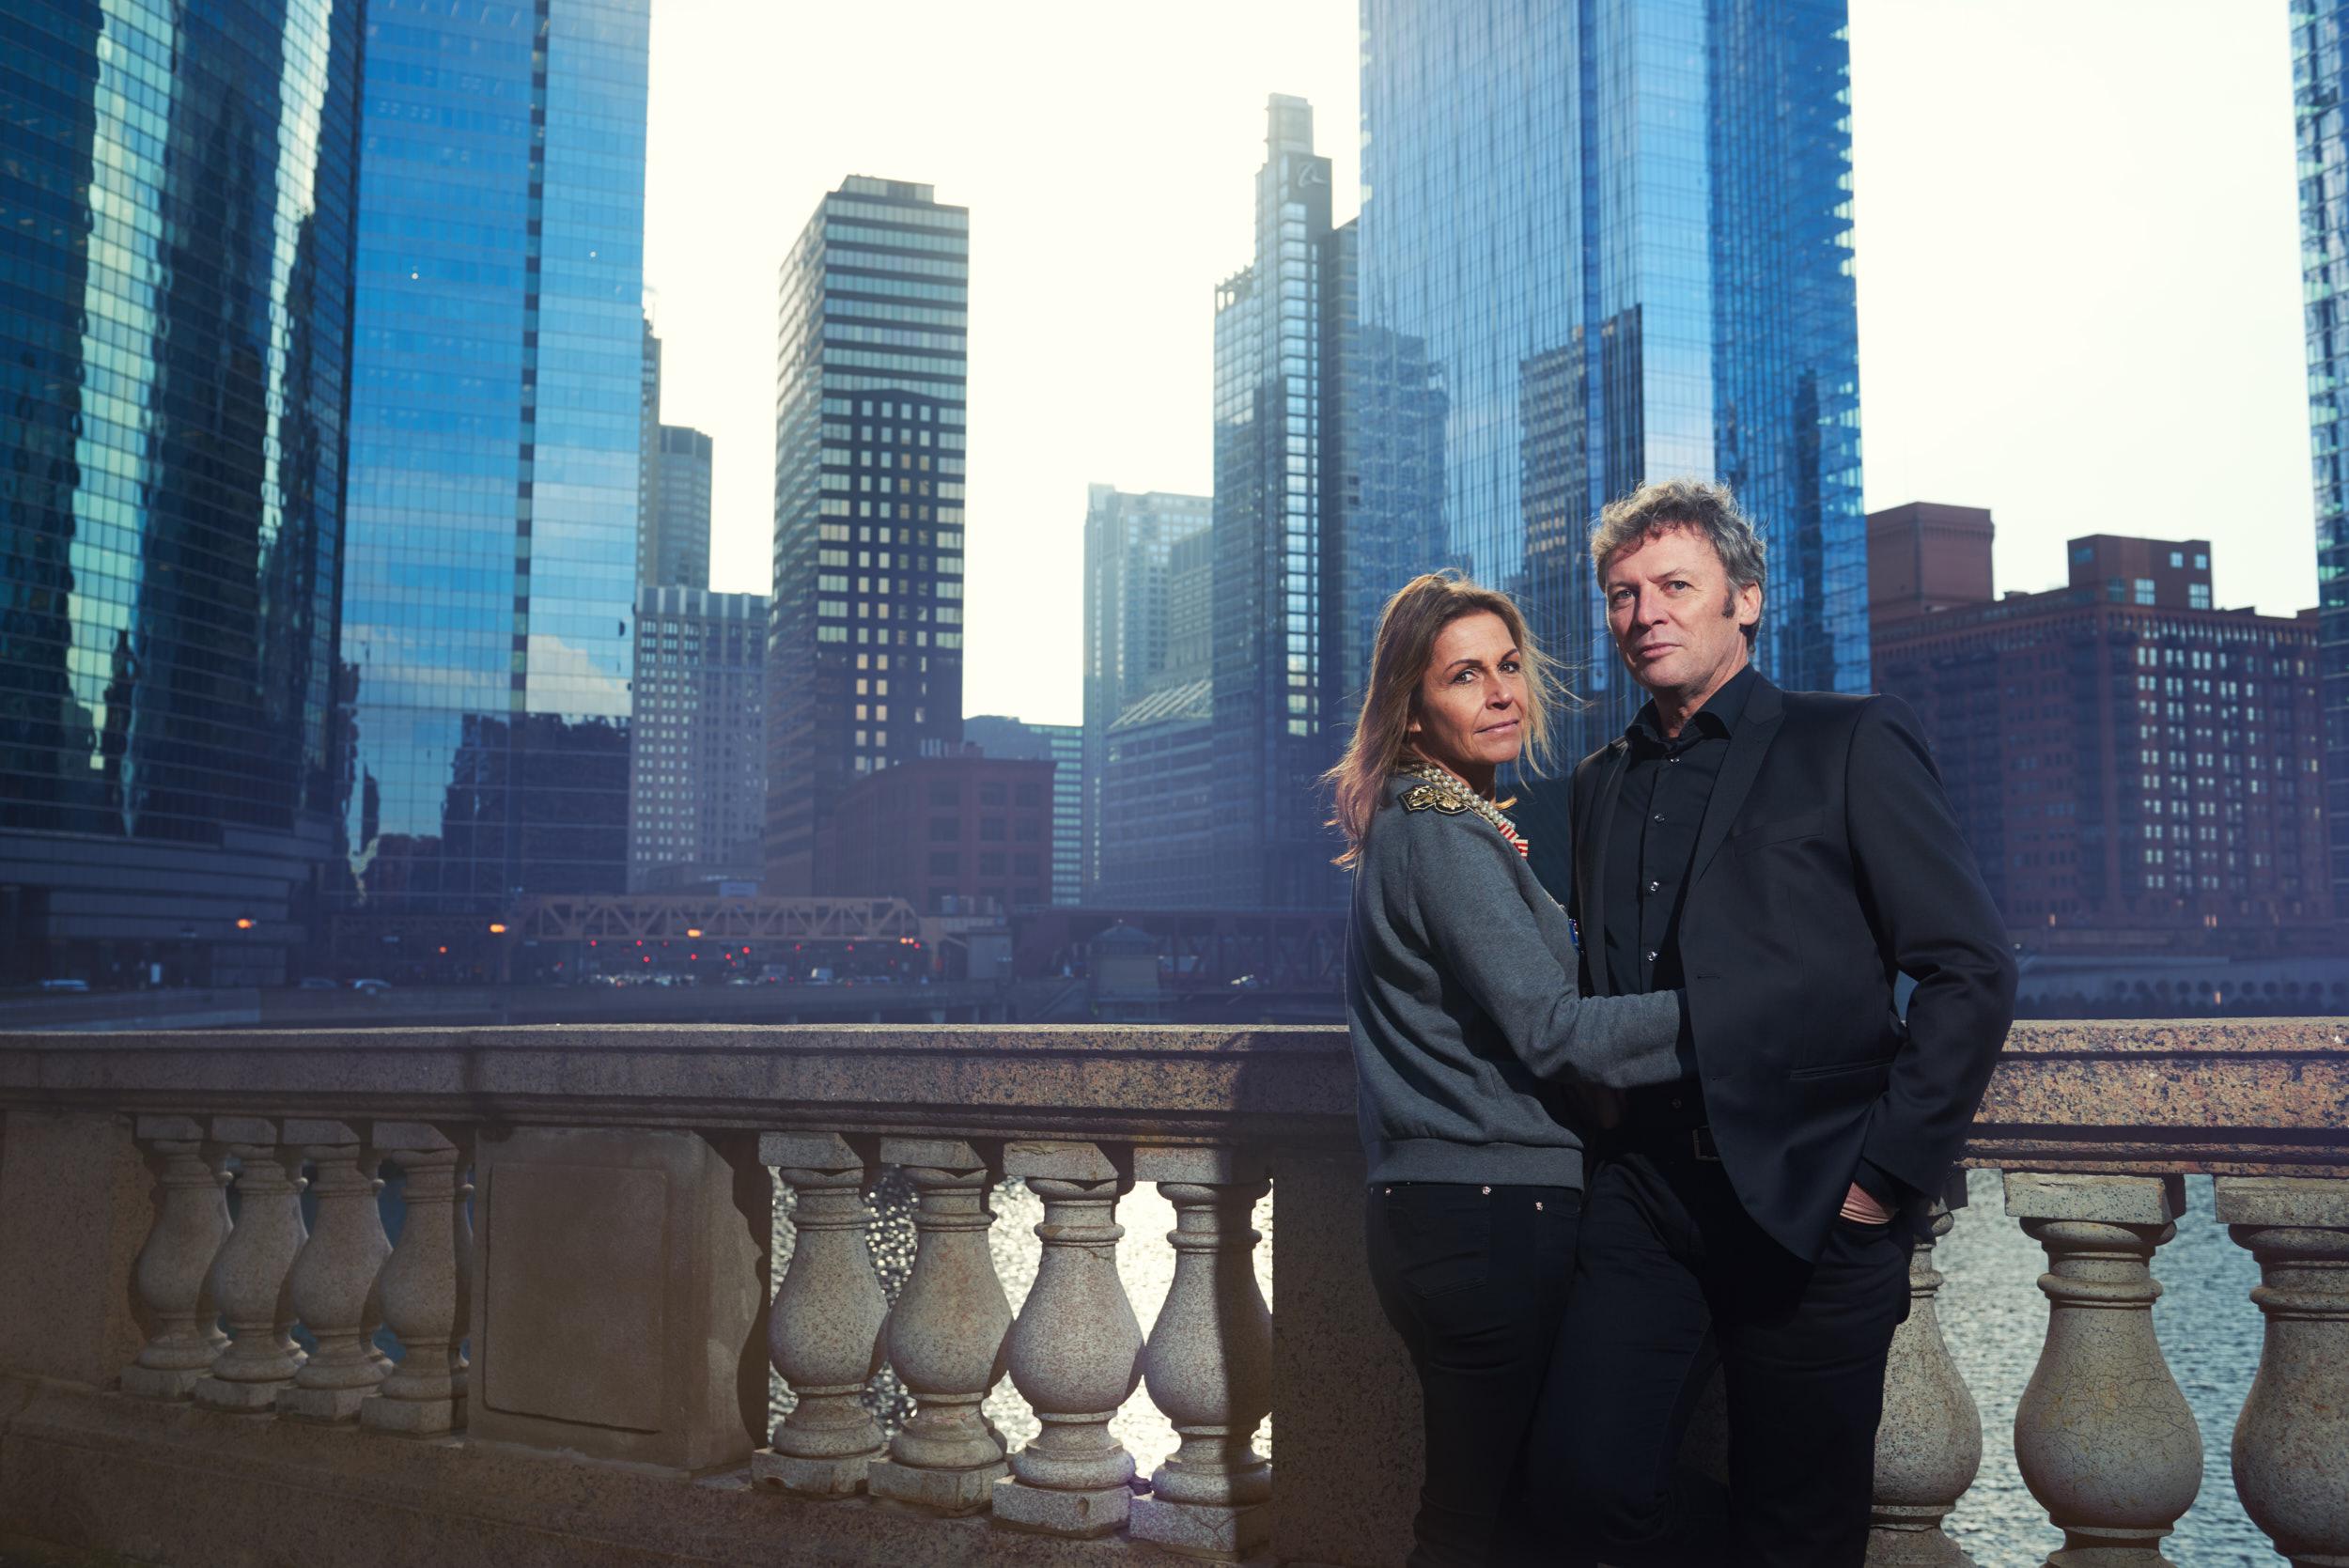 Chicago engagement portrait